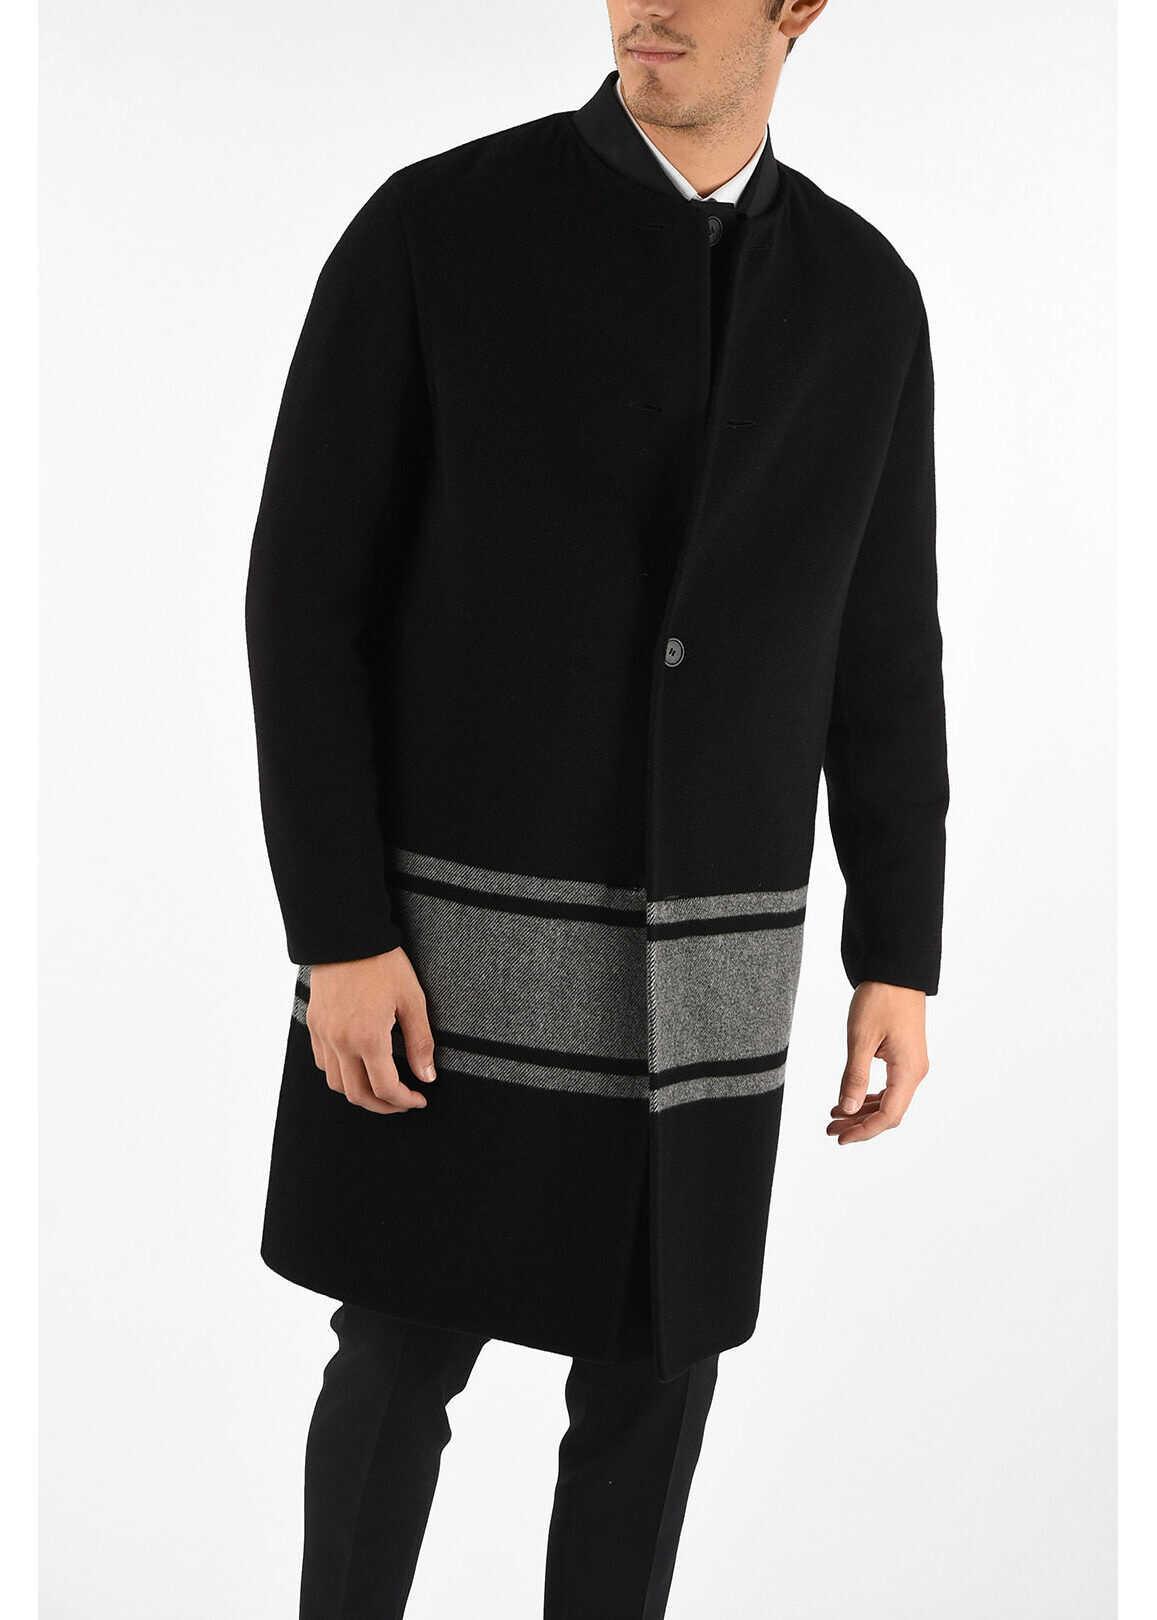 Bottega Veneta balmacaan coat BLACK imagine